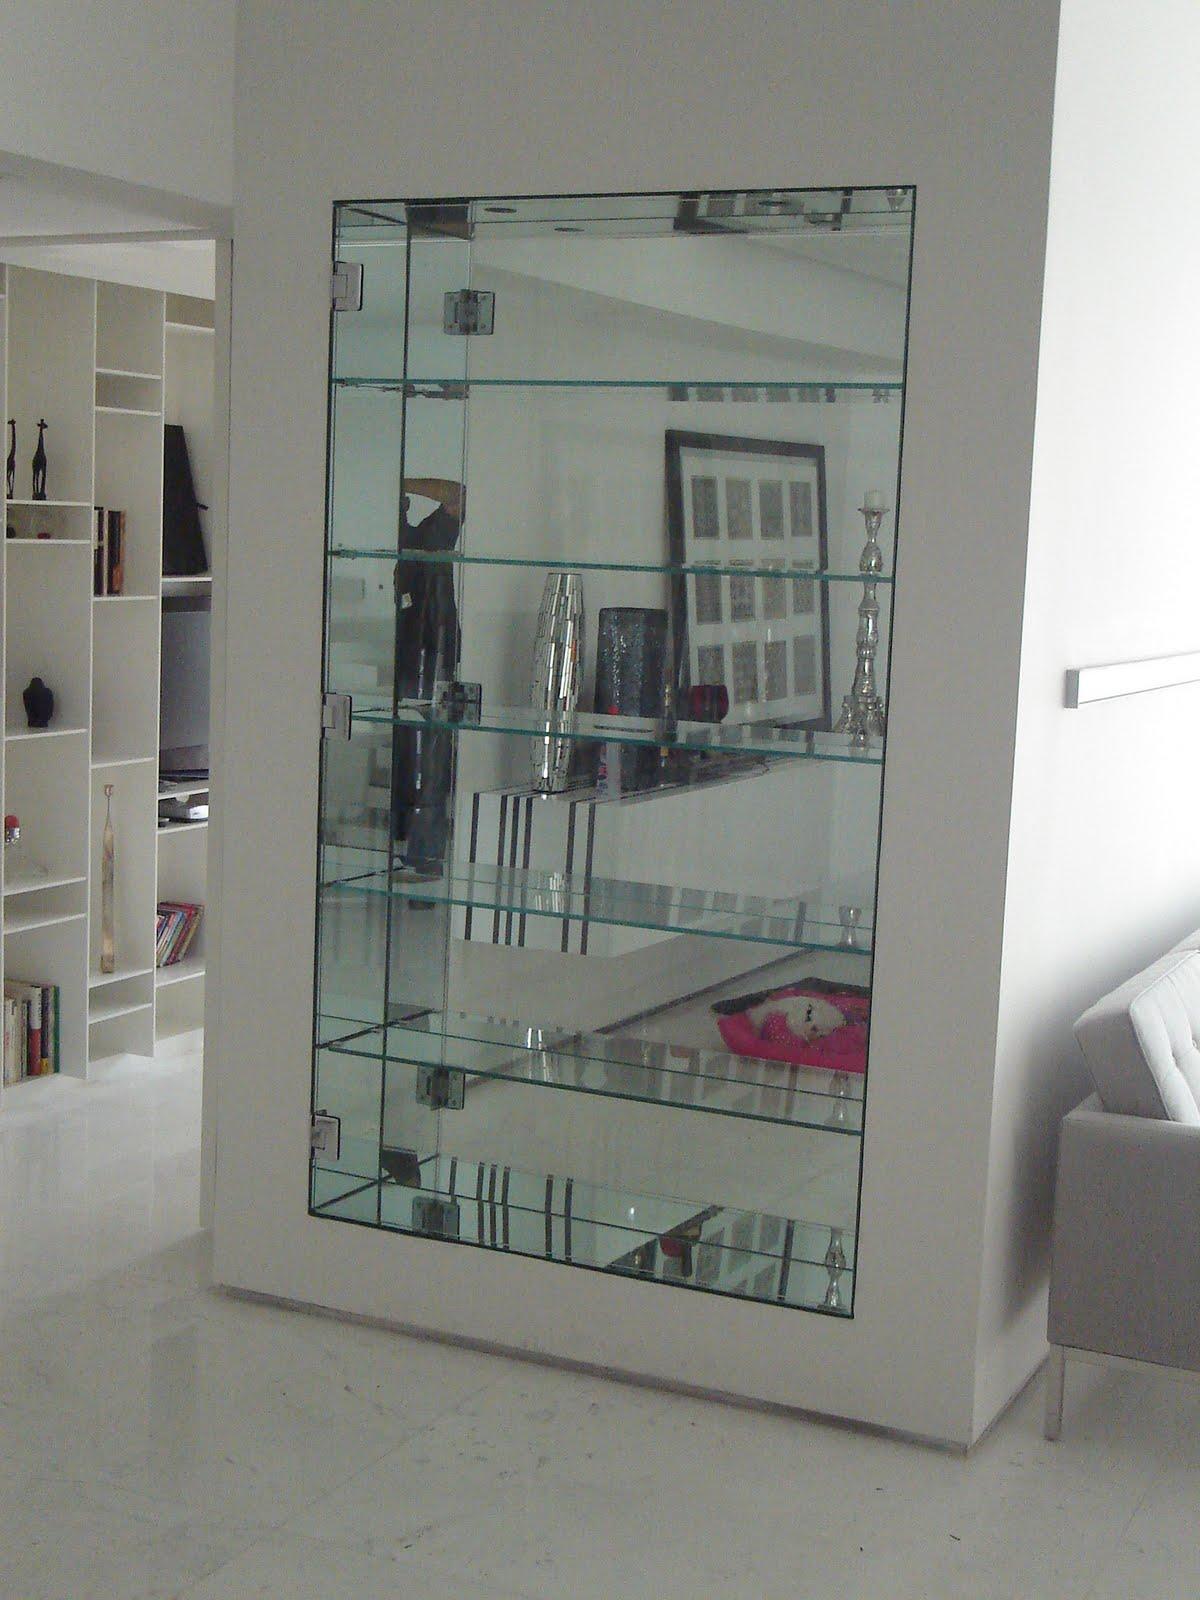 Imagens de #614046 Postado por Nova Glass Systen às 07:26 1200x1600 px 2138 Box De Vidro Para Banheiro Passo Fundo